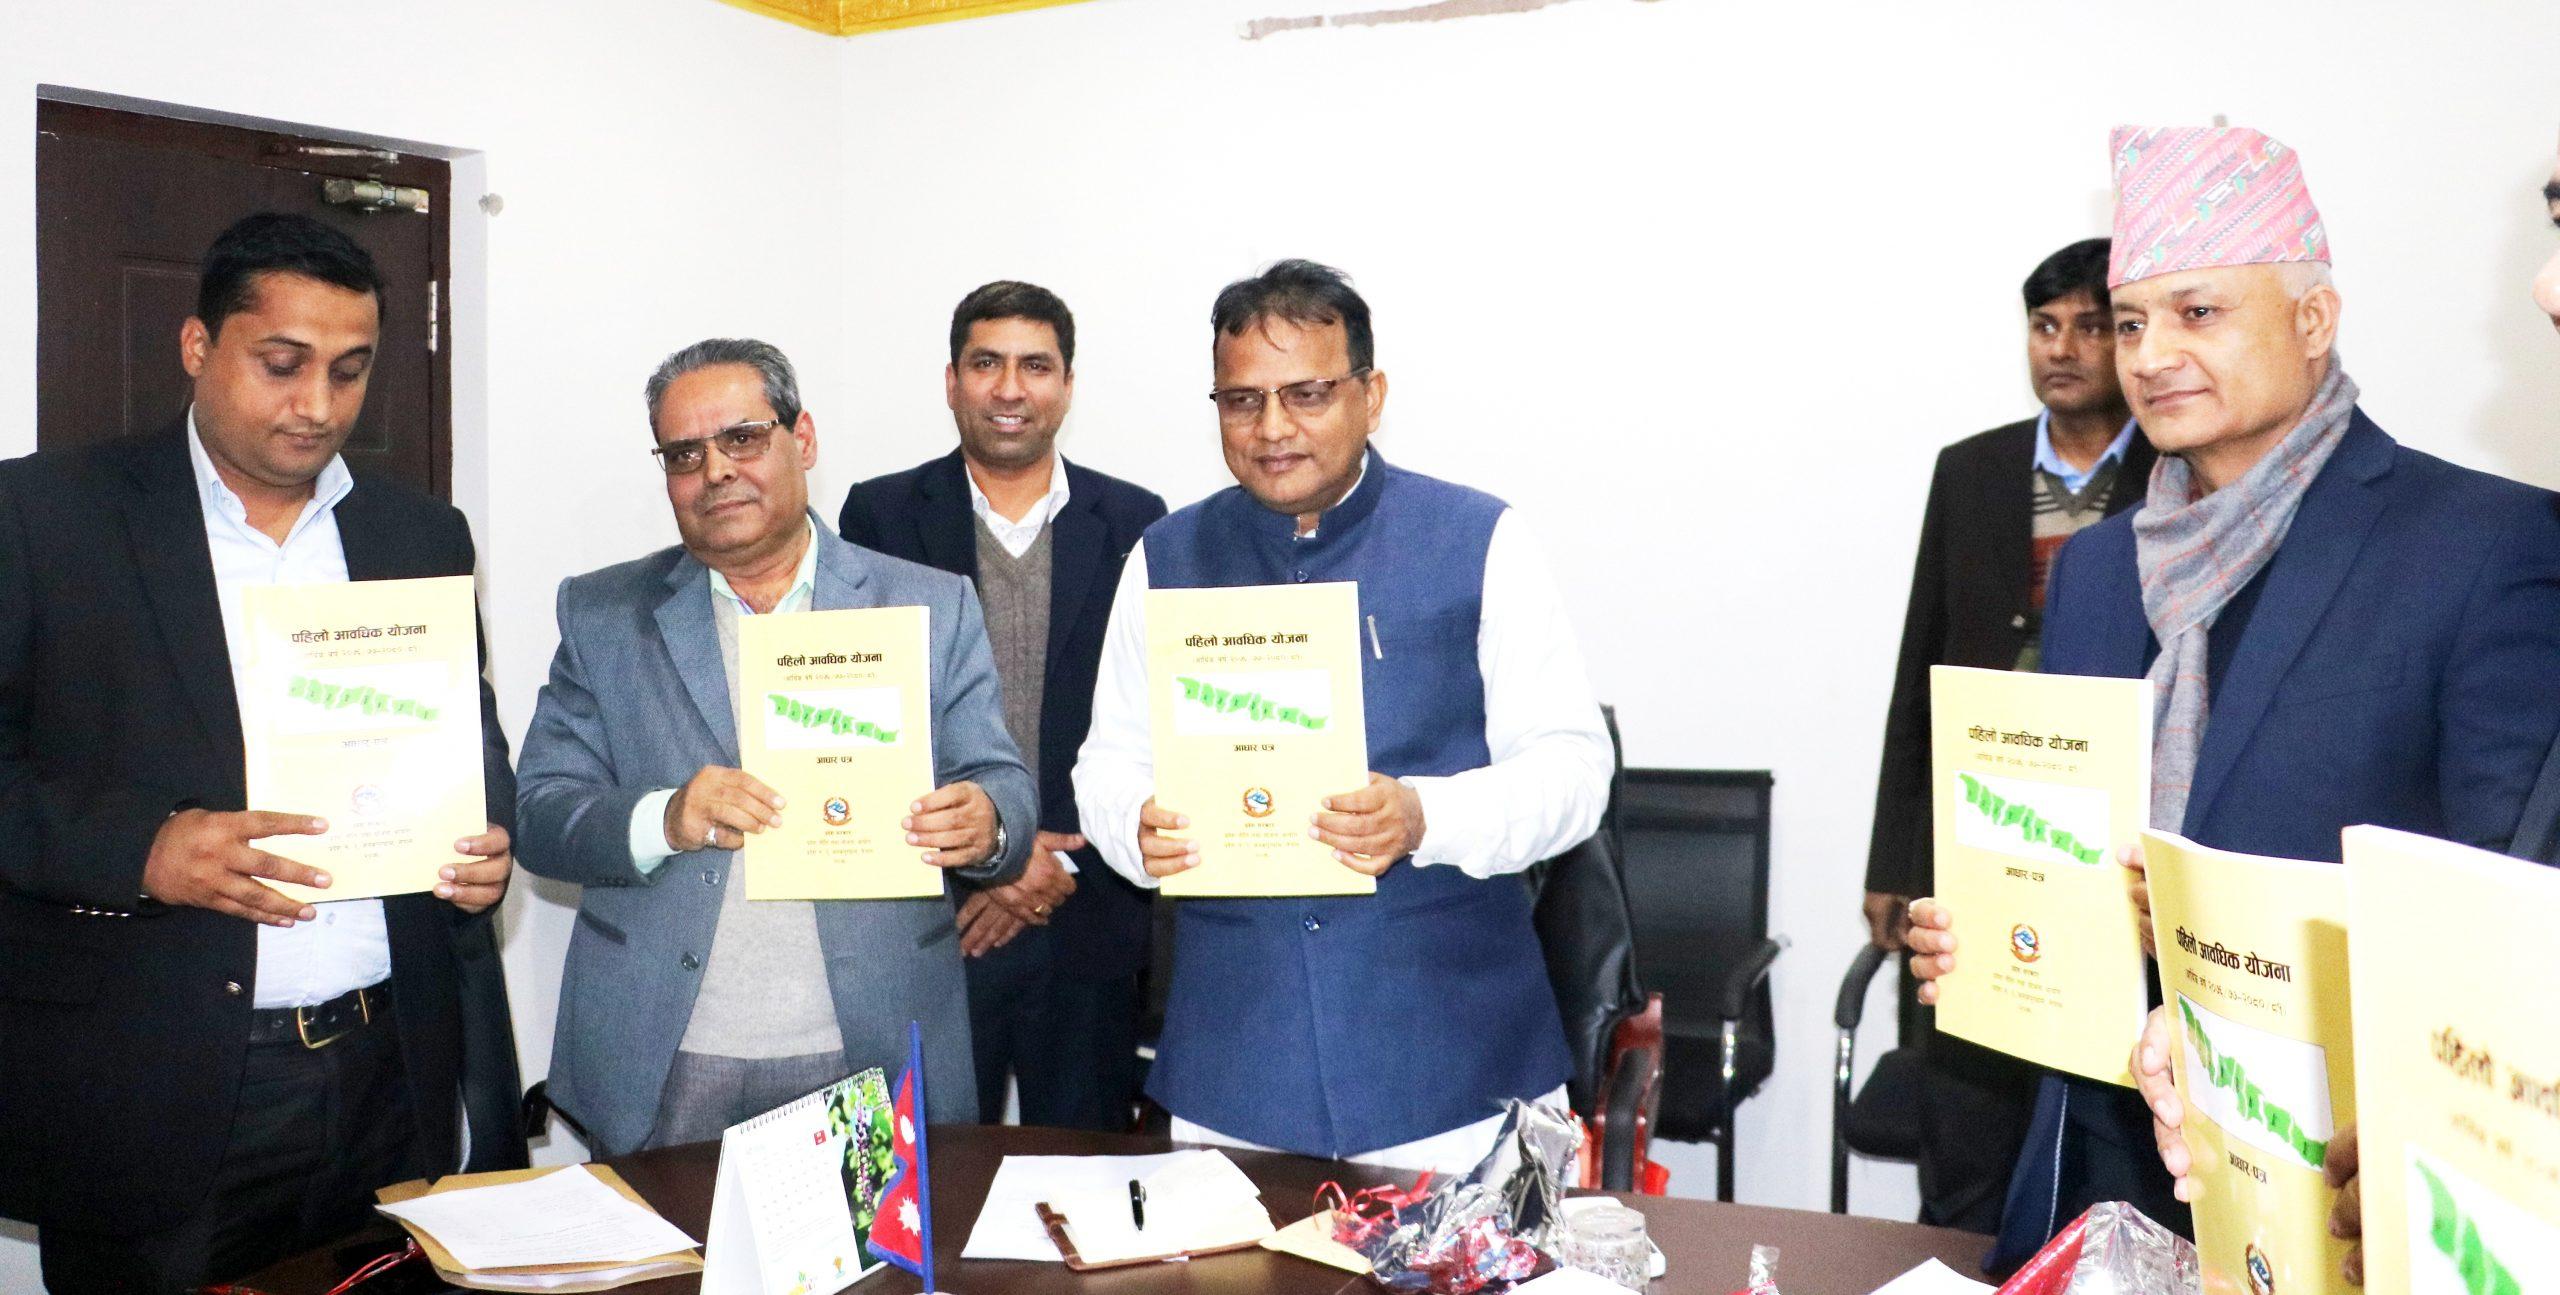 प्रदेश सरकारको पञ्चवर्षिय योजनाको आधारपत्र सार्वजनिक